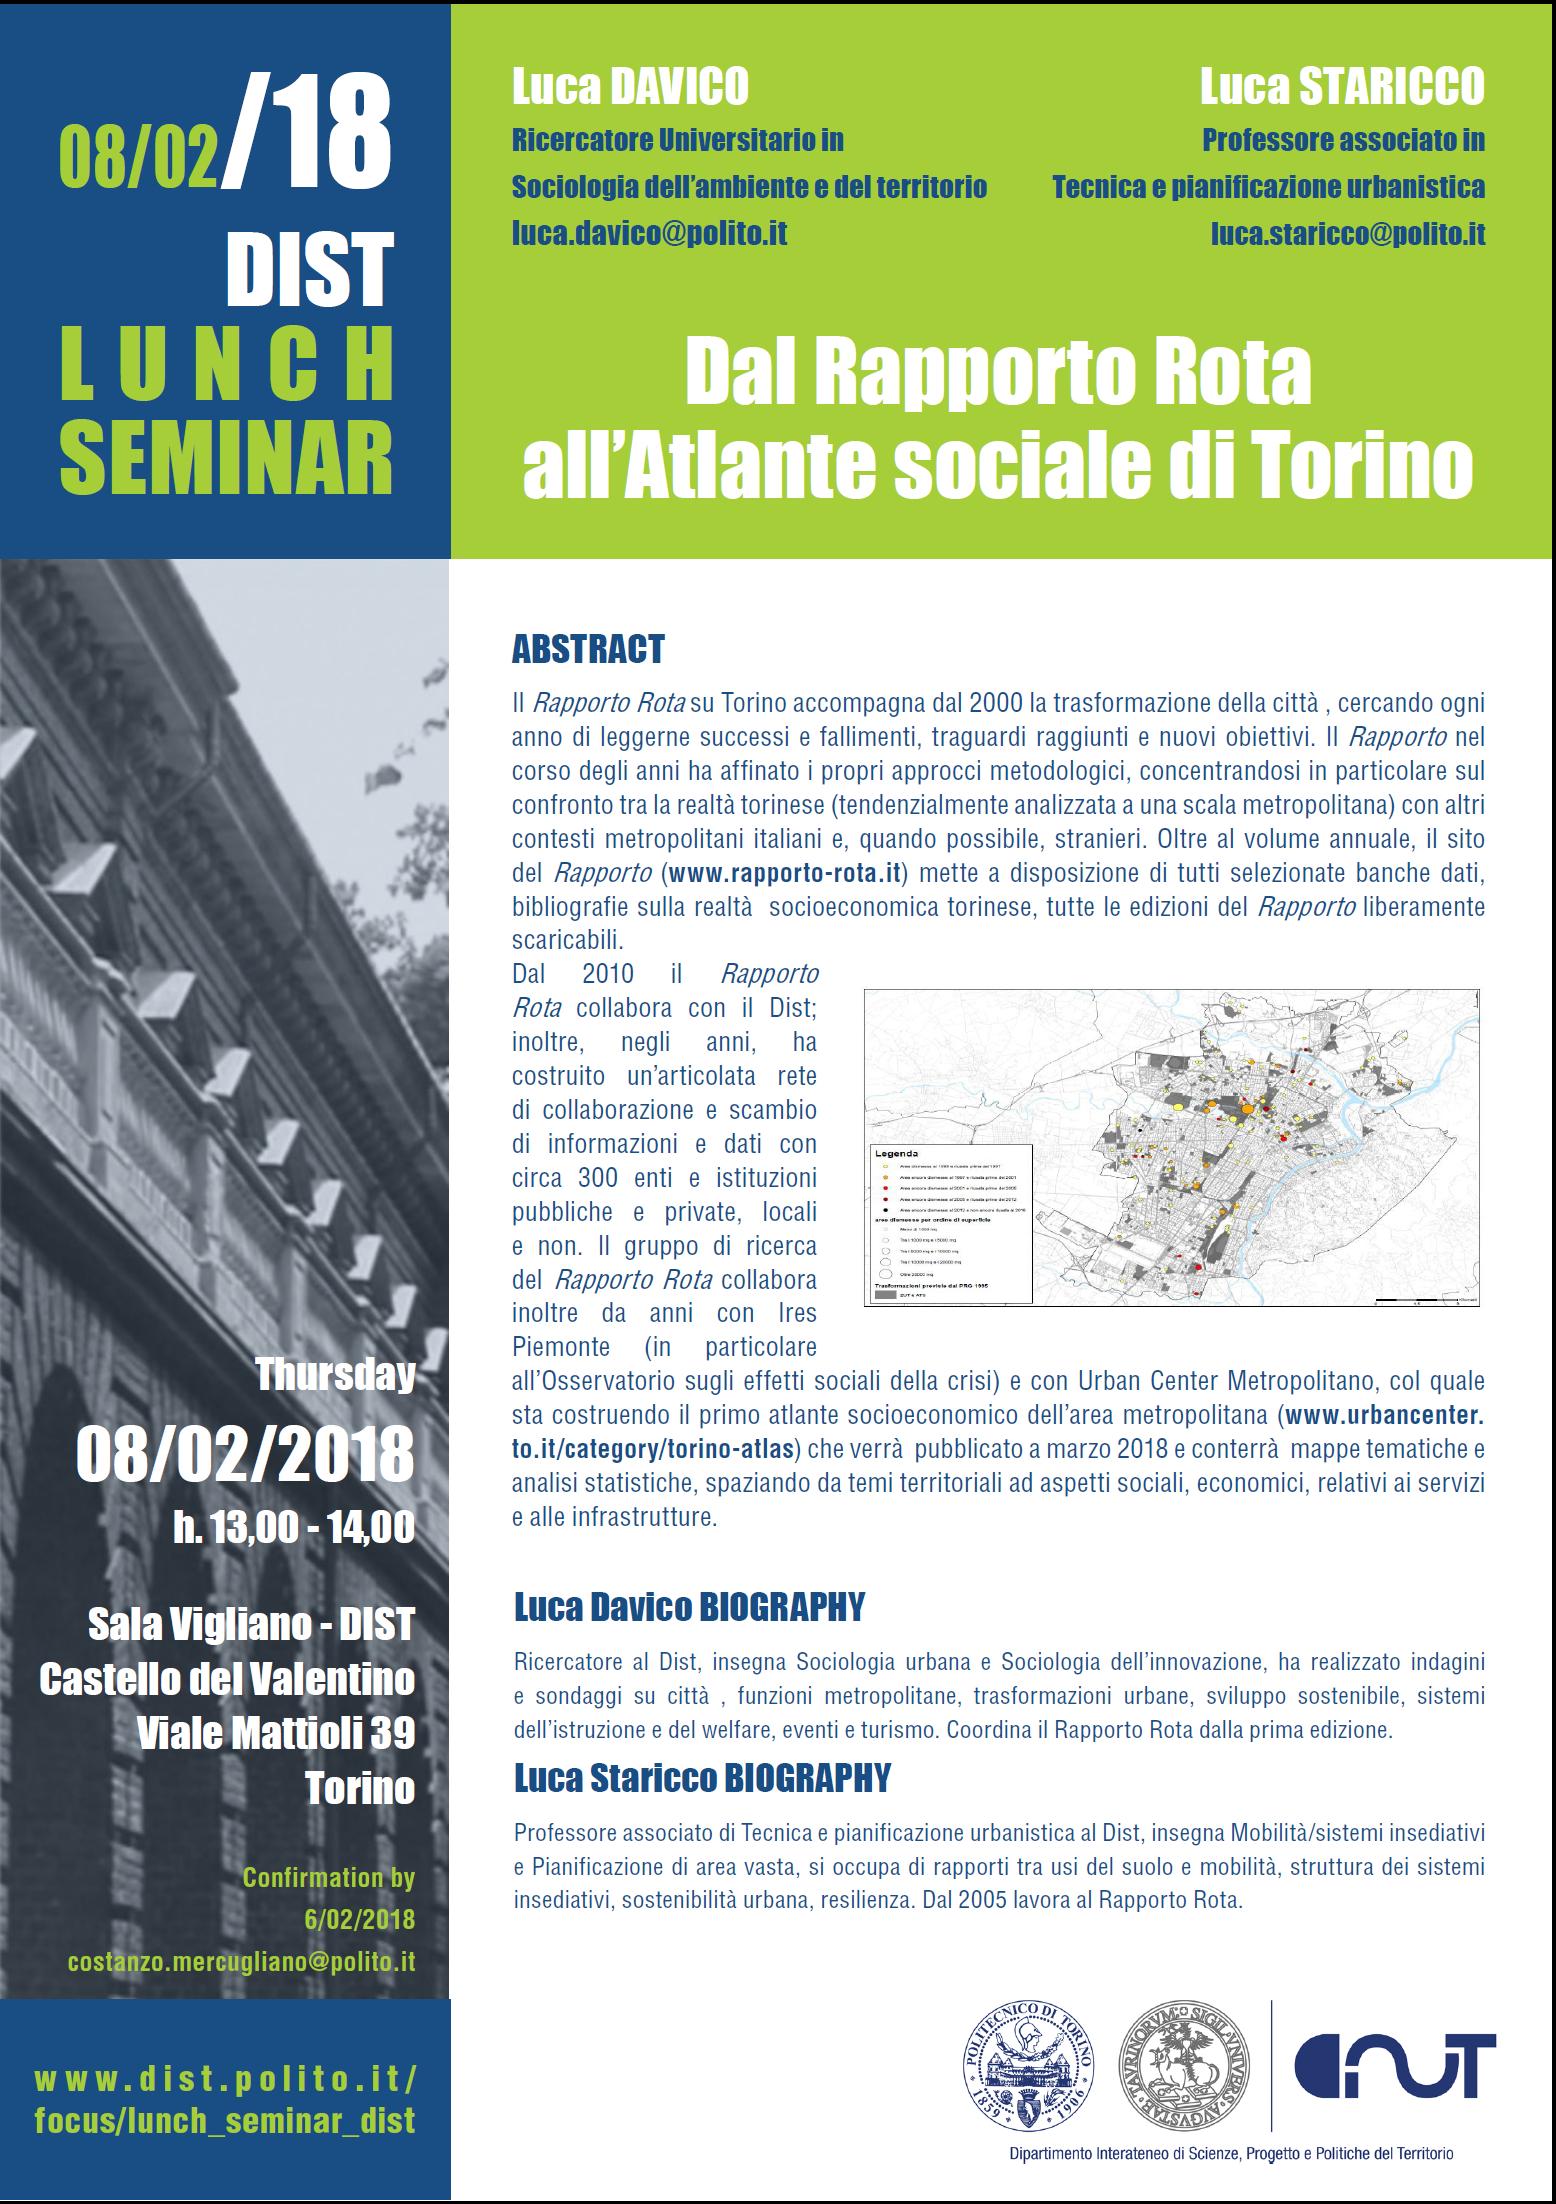 02 FEBBRAIO 2018: Dal Rapporto Rota all'Atlante sociale di Torino